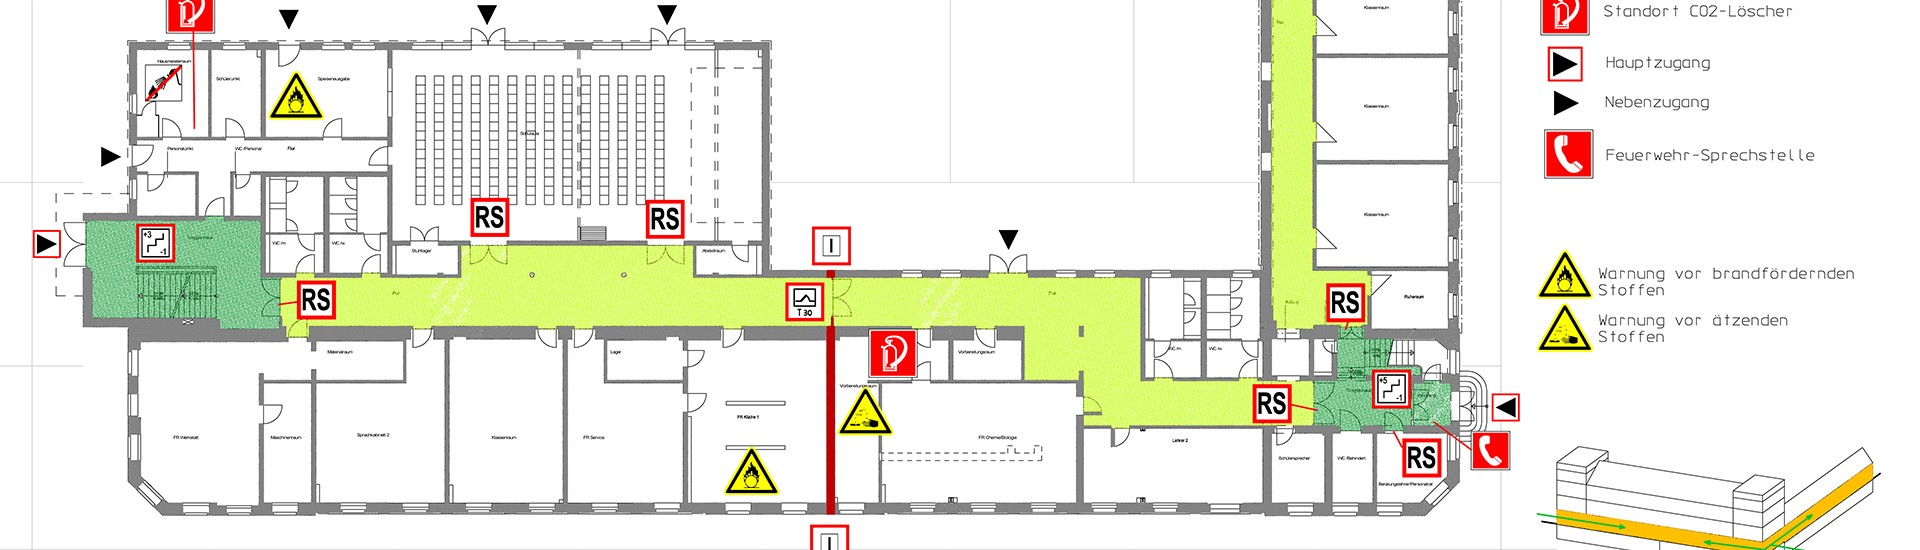 Feuerwehrplan eines Hauses für den Brandschutz